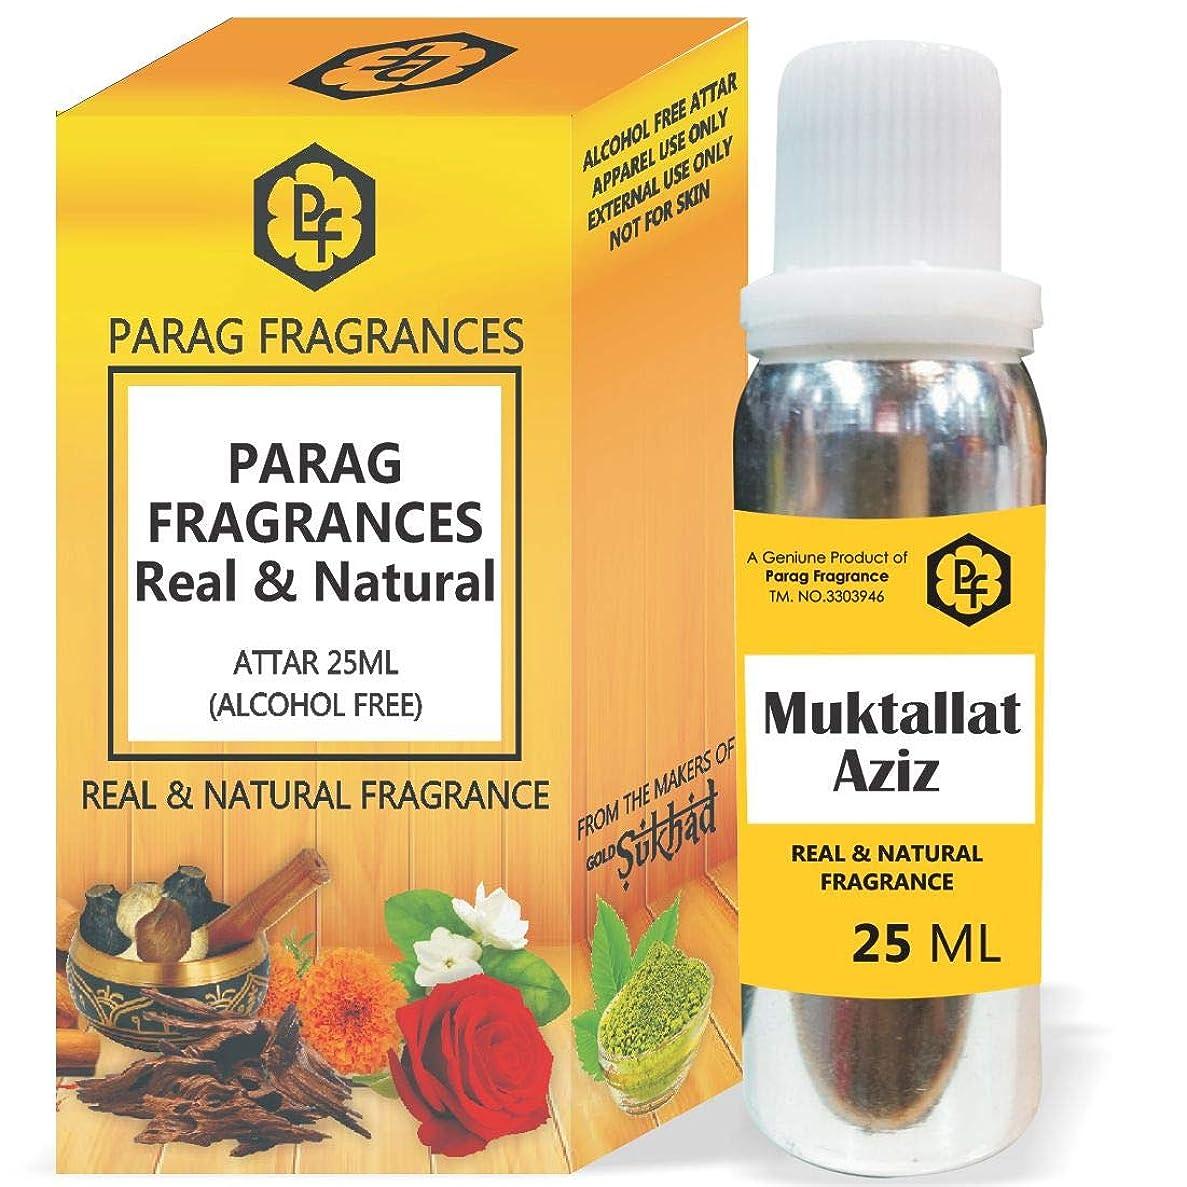 偽物抵抗力がある心配する50/100/200/500パックでファンシー空き瓶(アルコールフリー、ロングラスティング、自然アター)でParagフレグランス25ミリリットルMuktallatアジズ?アターも利用可能